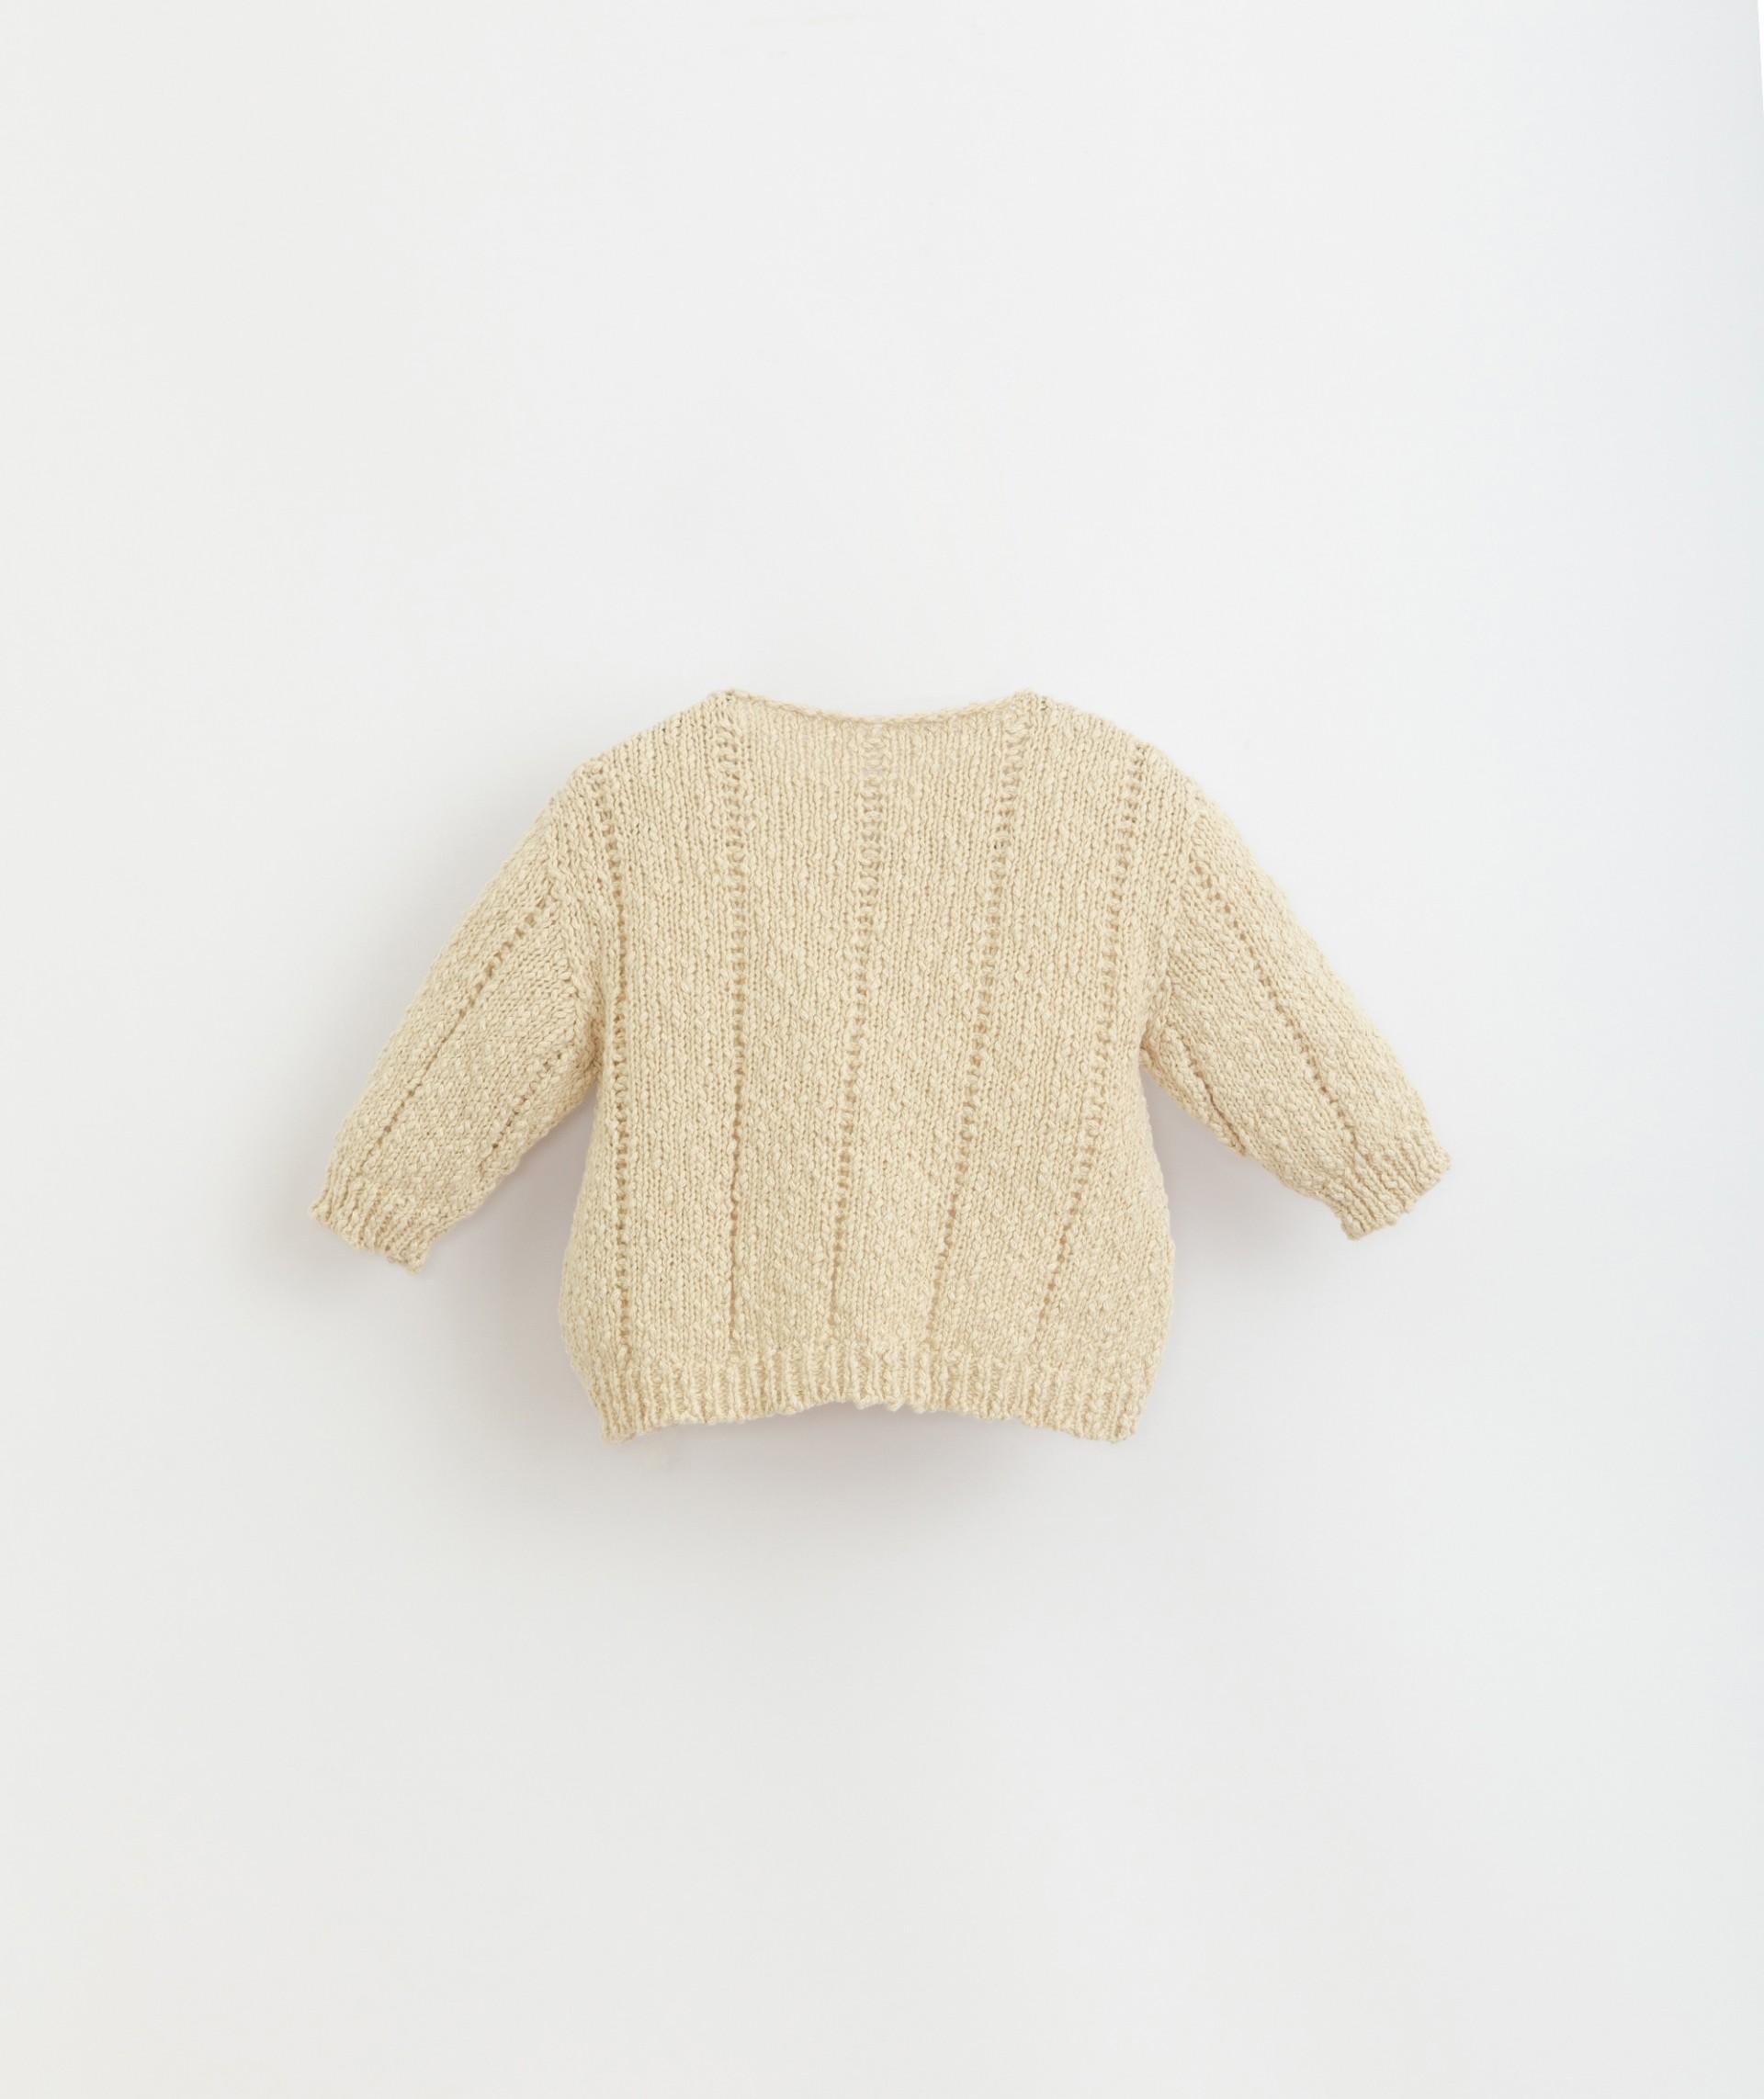 Camisola tricot em algodão e linho | Botany